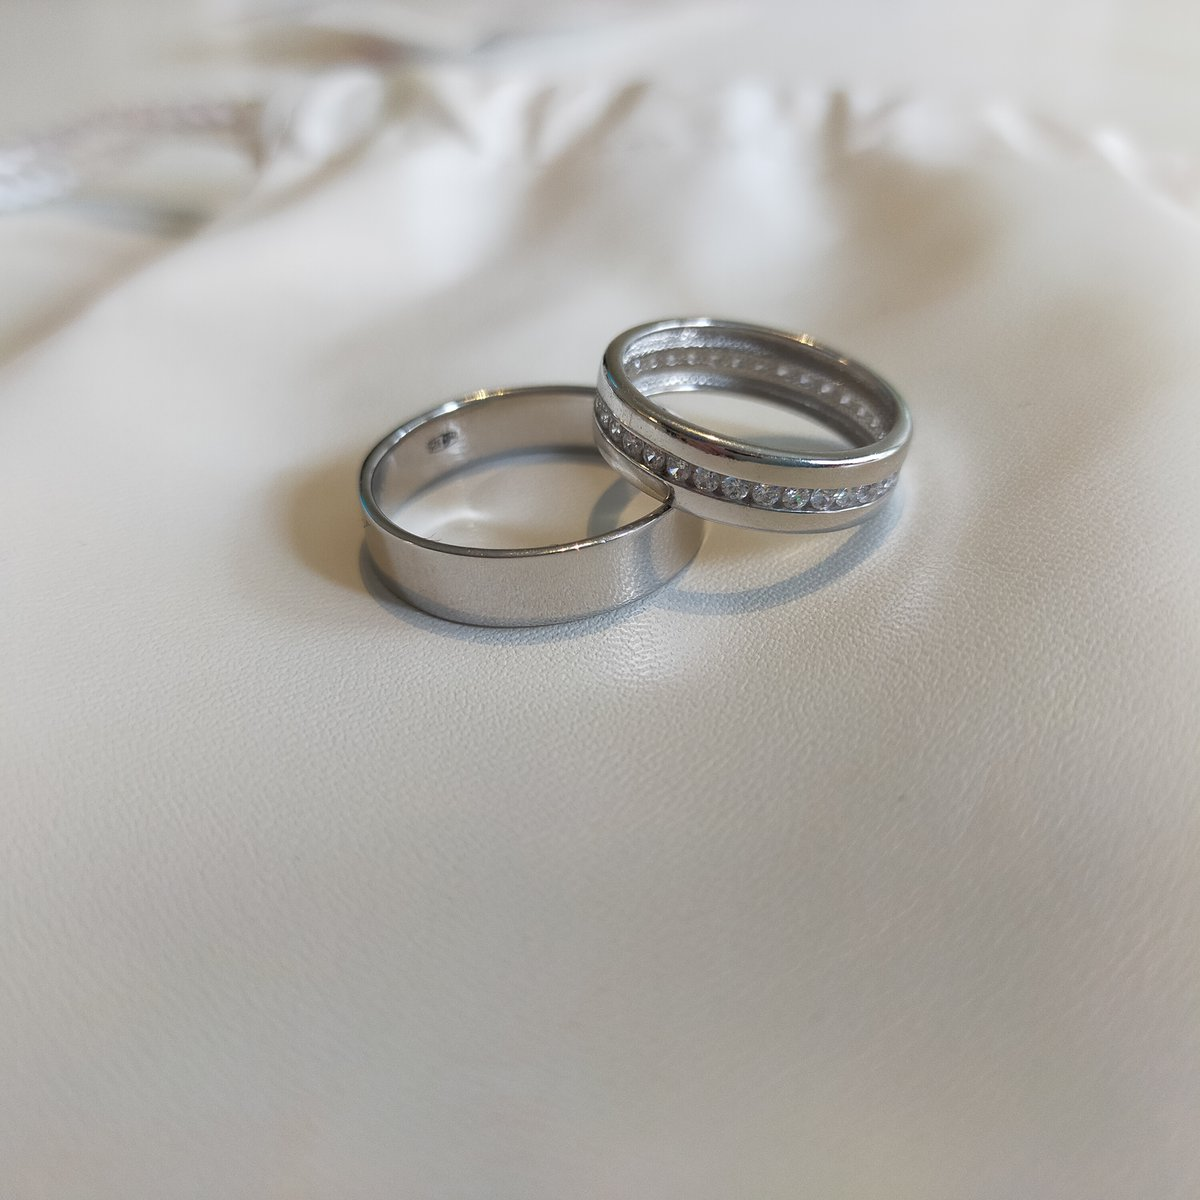 Кольца для меня и мужа. как обручальные.